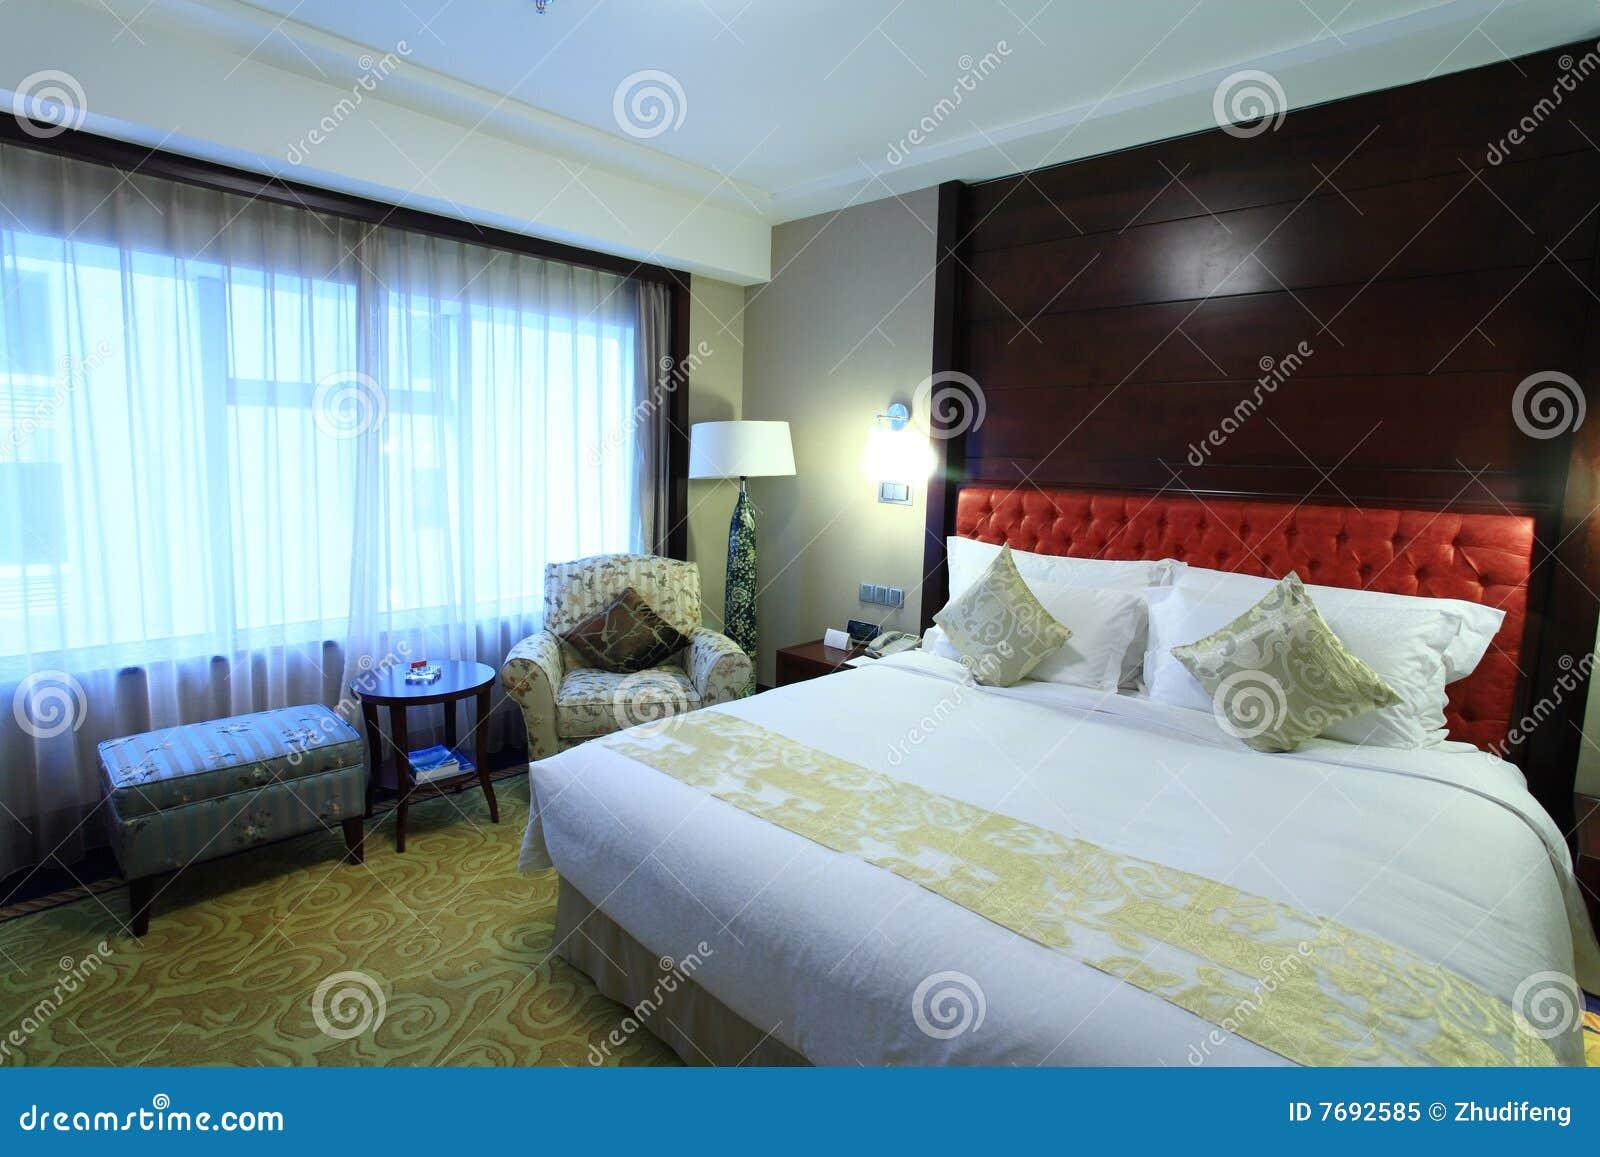 Bed In Woonkamer : Bed in woonkamer stock afbeelding. afbeelding bestaande uit hotel